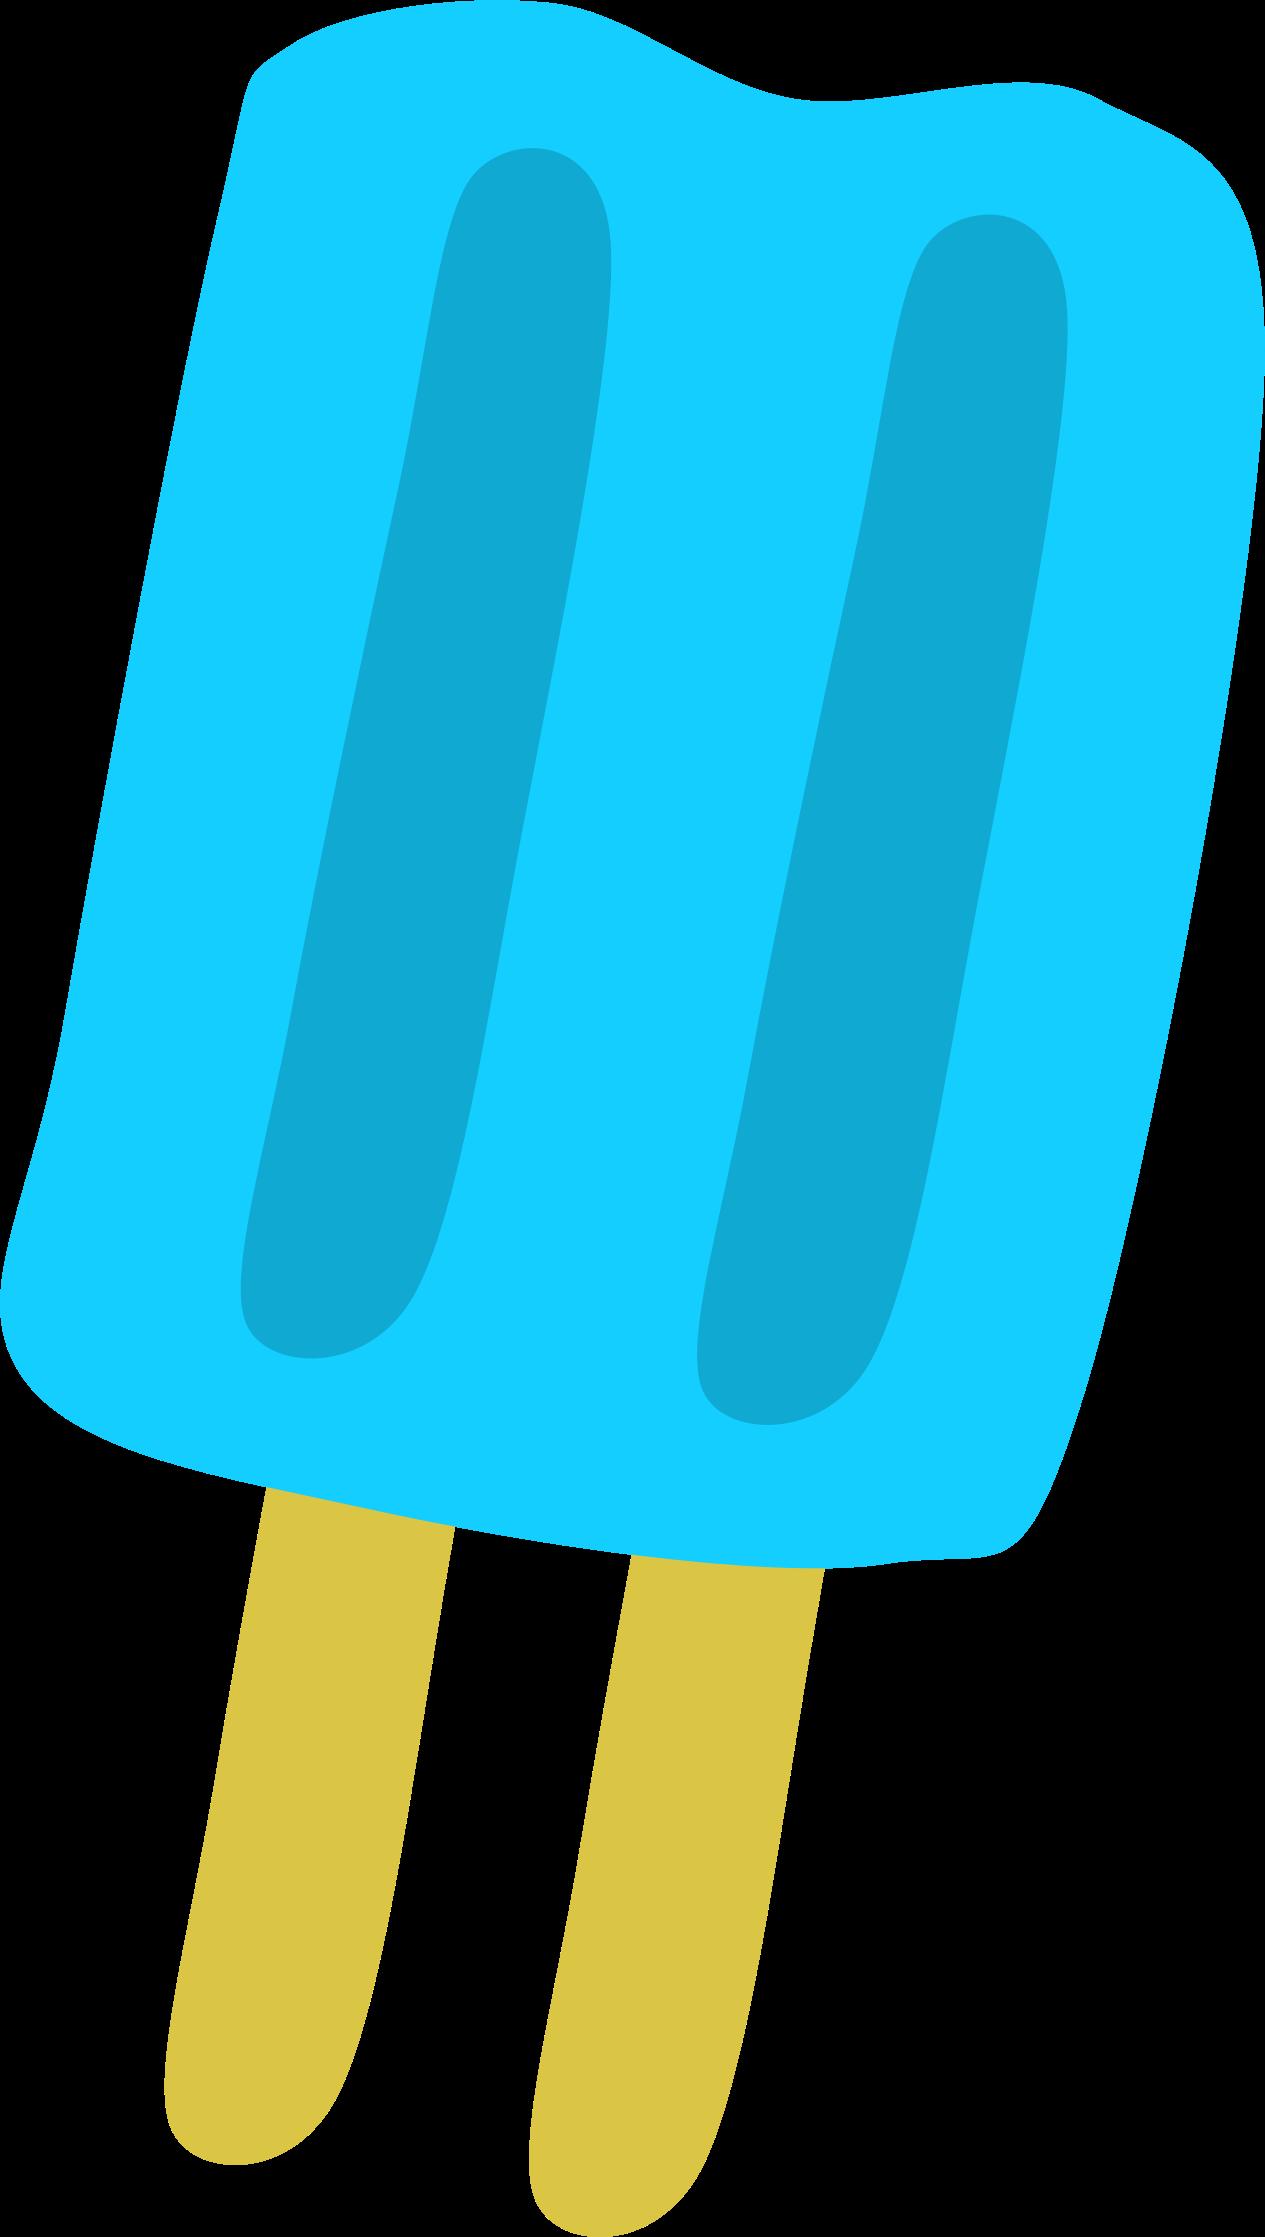 Clipart blue popsicle